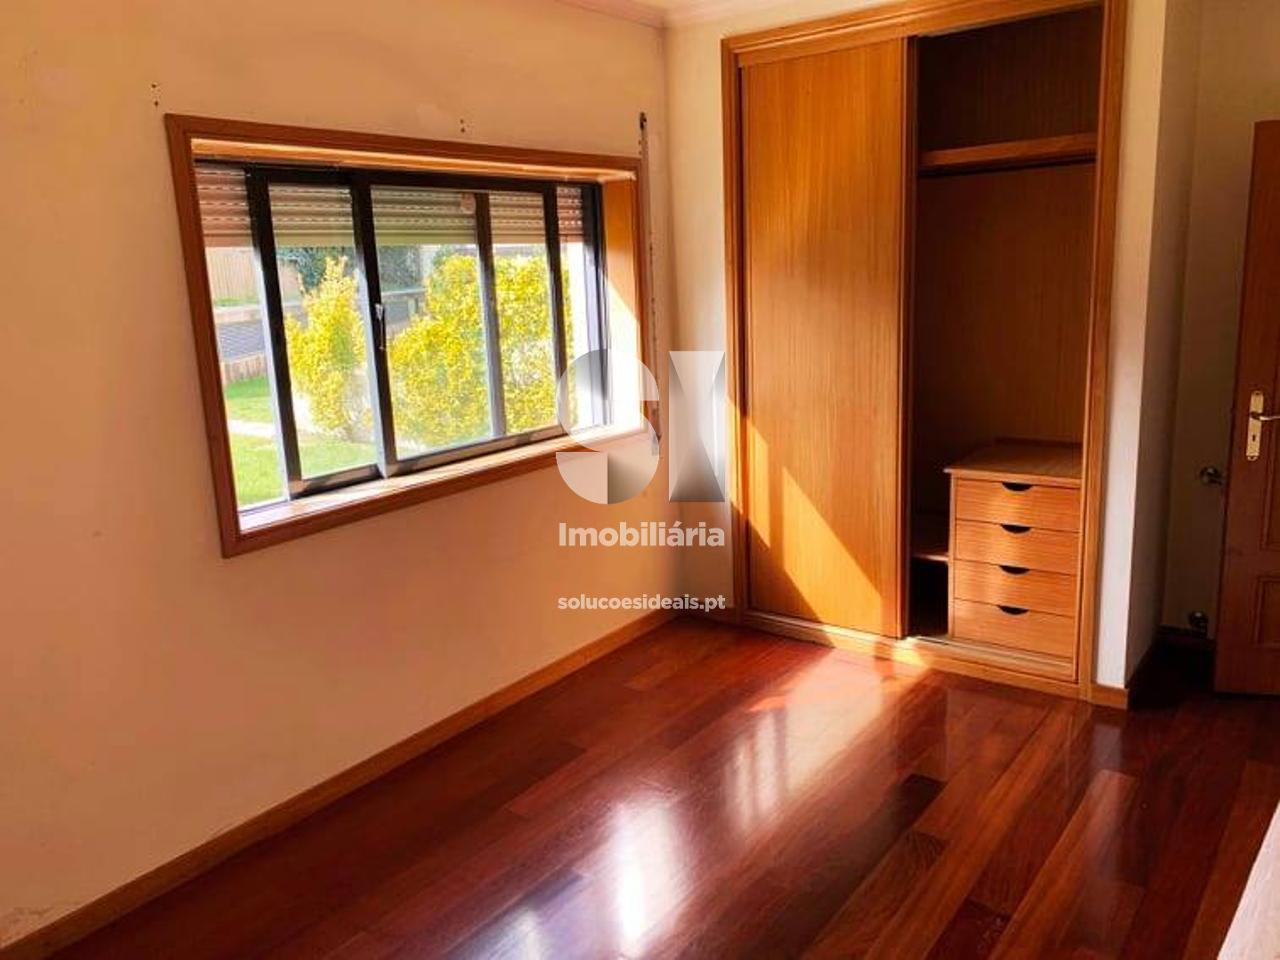 apartamento t11 para compra em maia castelo da maia MCTIR56